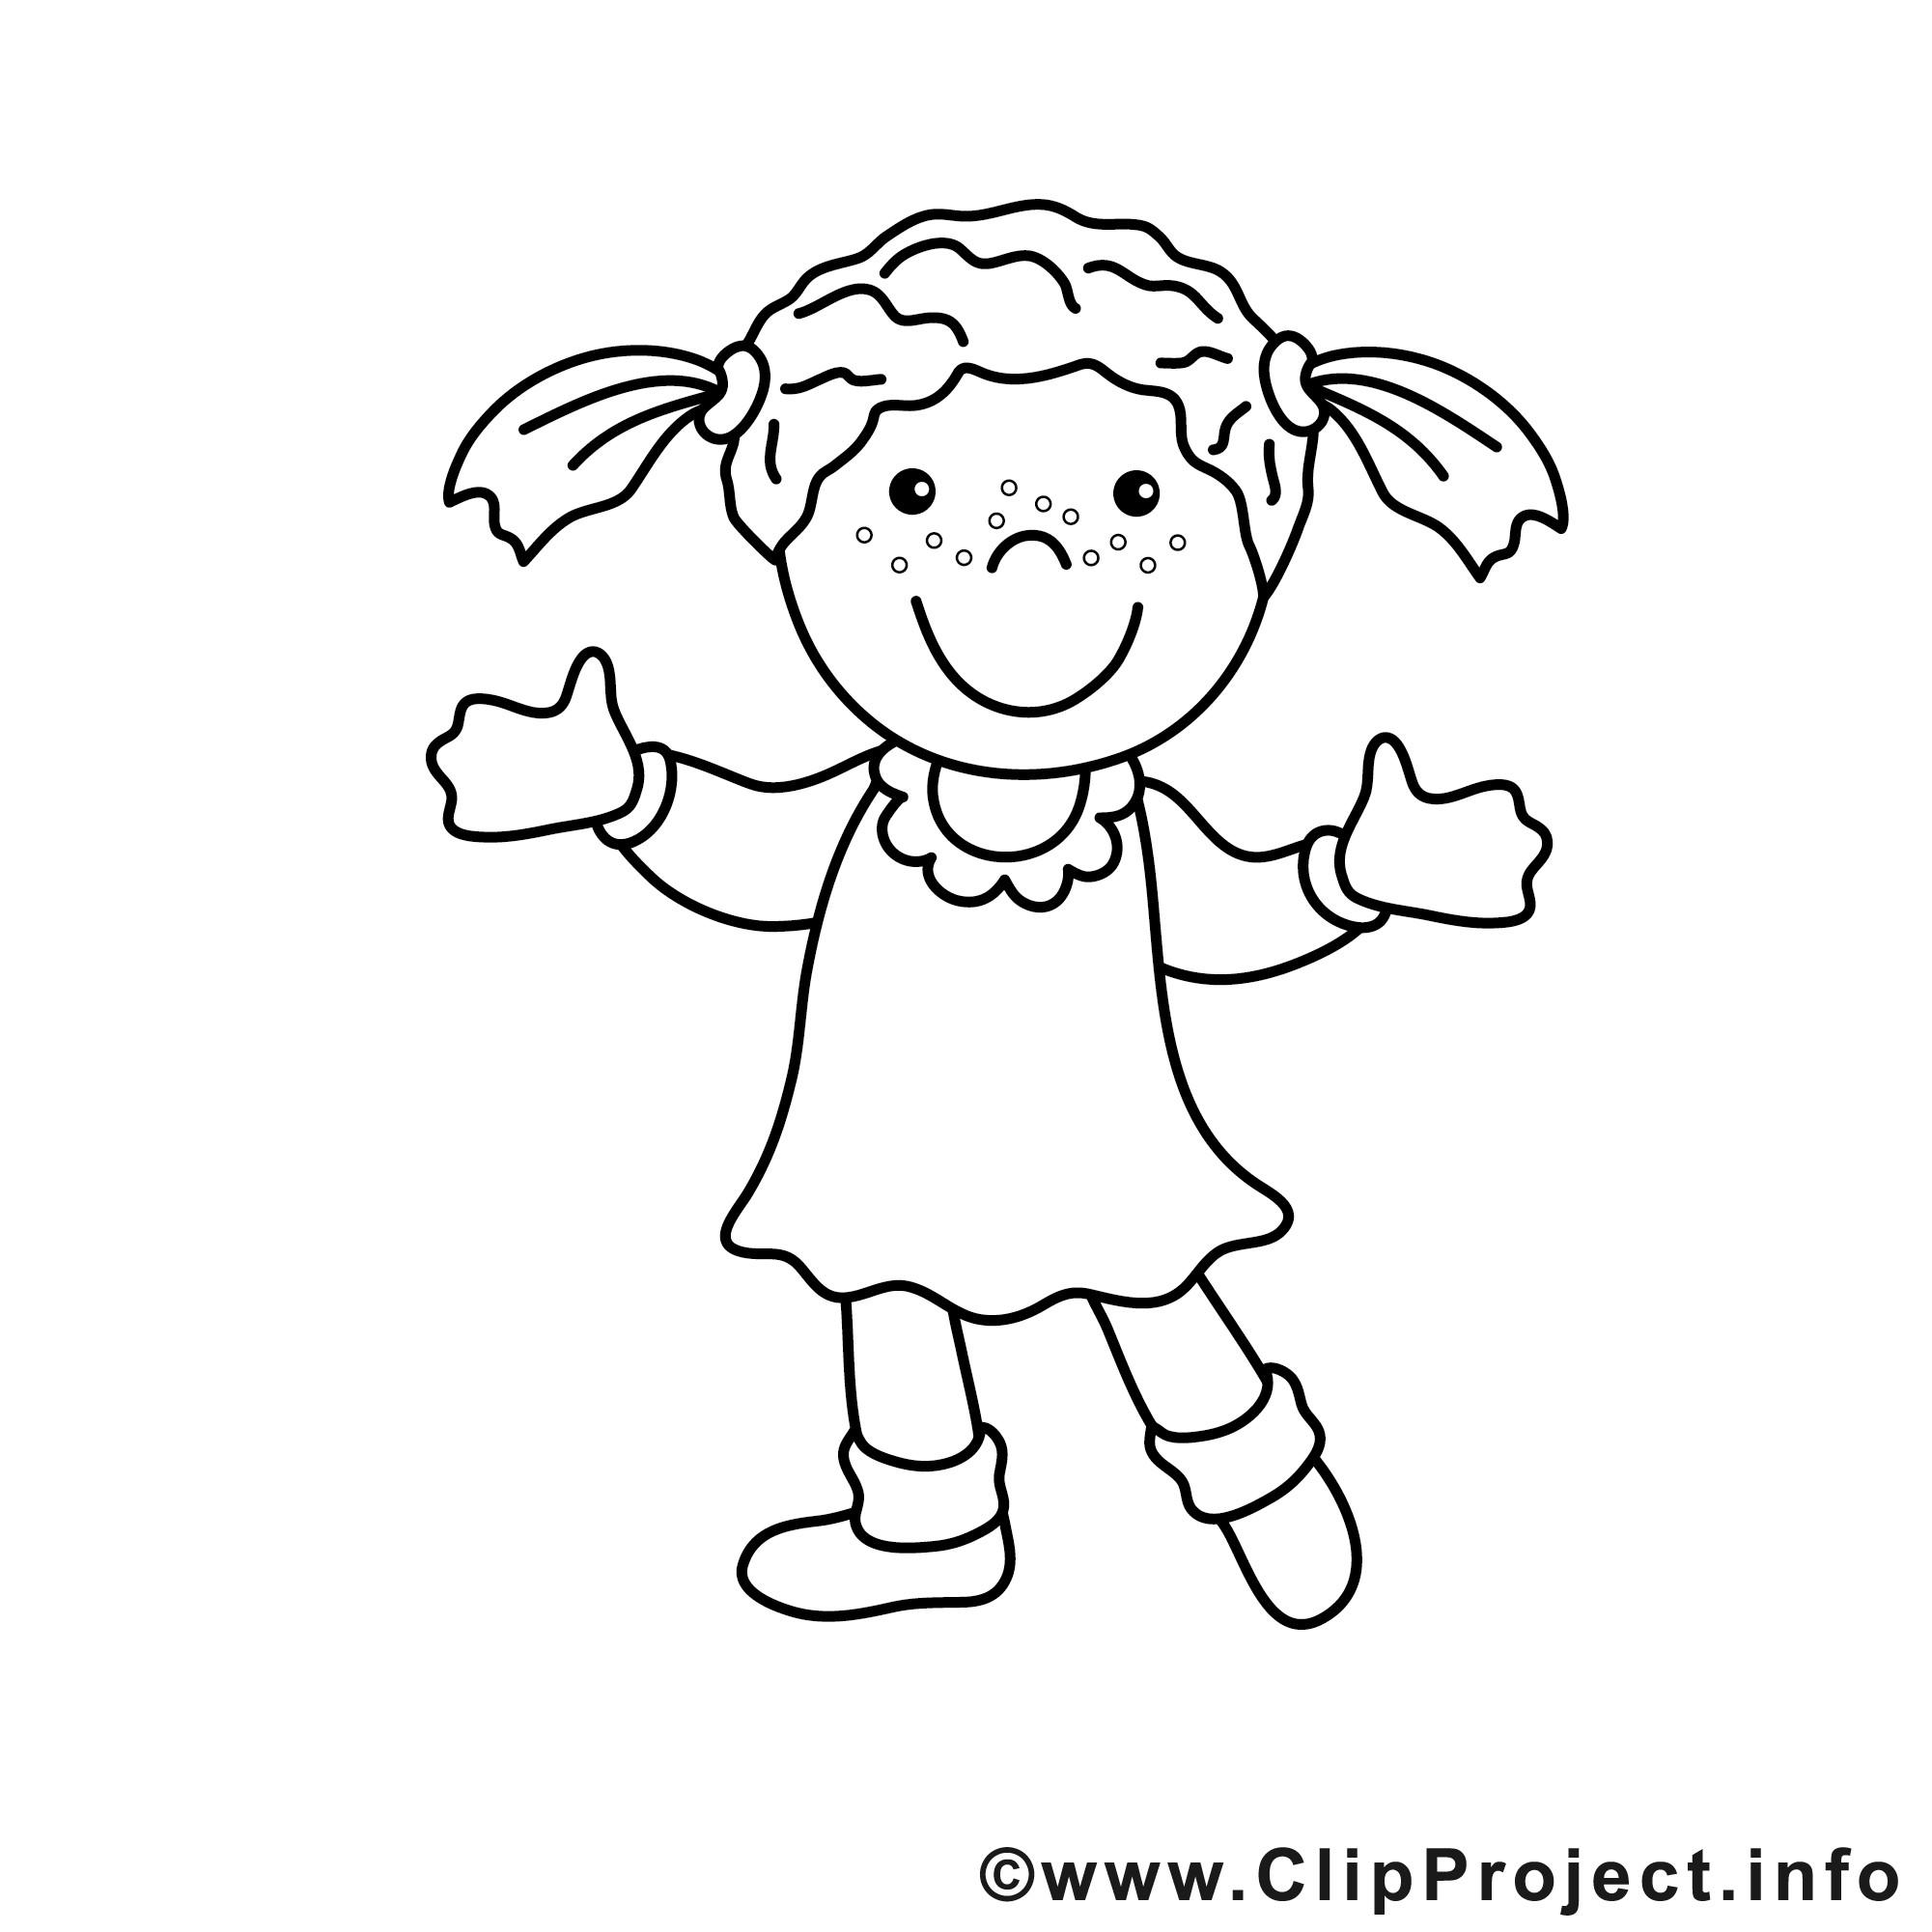 20 der besten ideen für ausmalbilder für kleinkinder